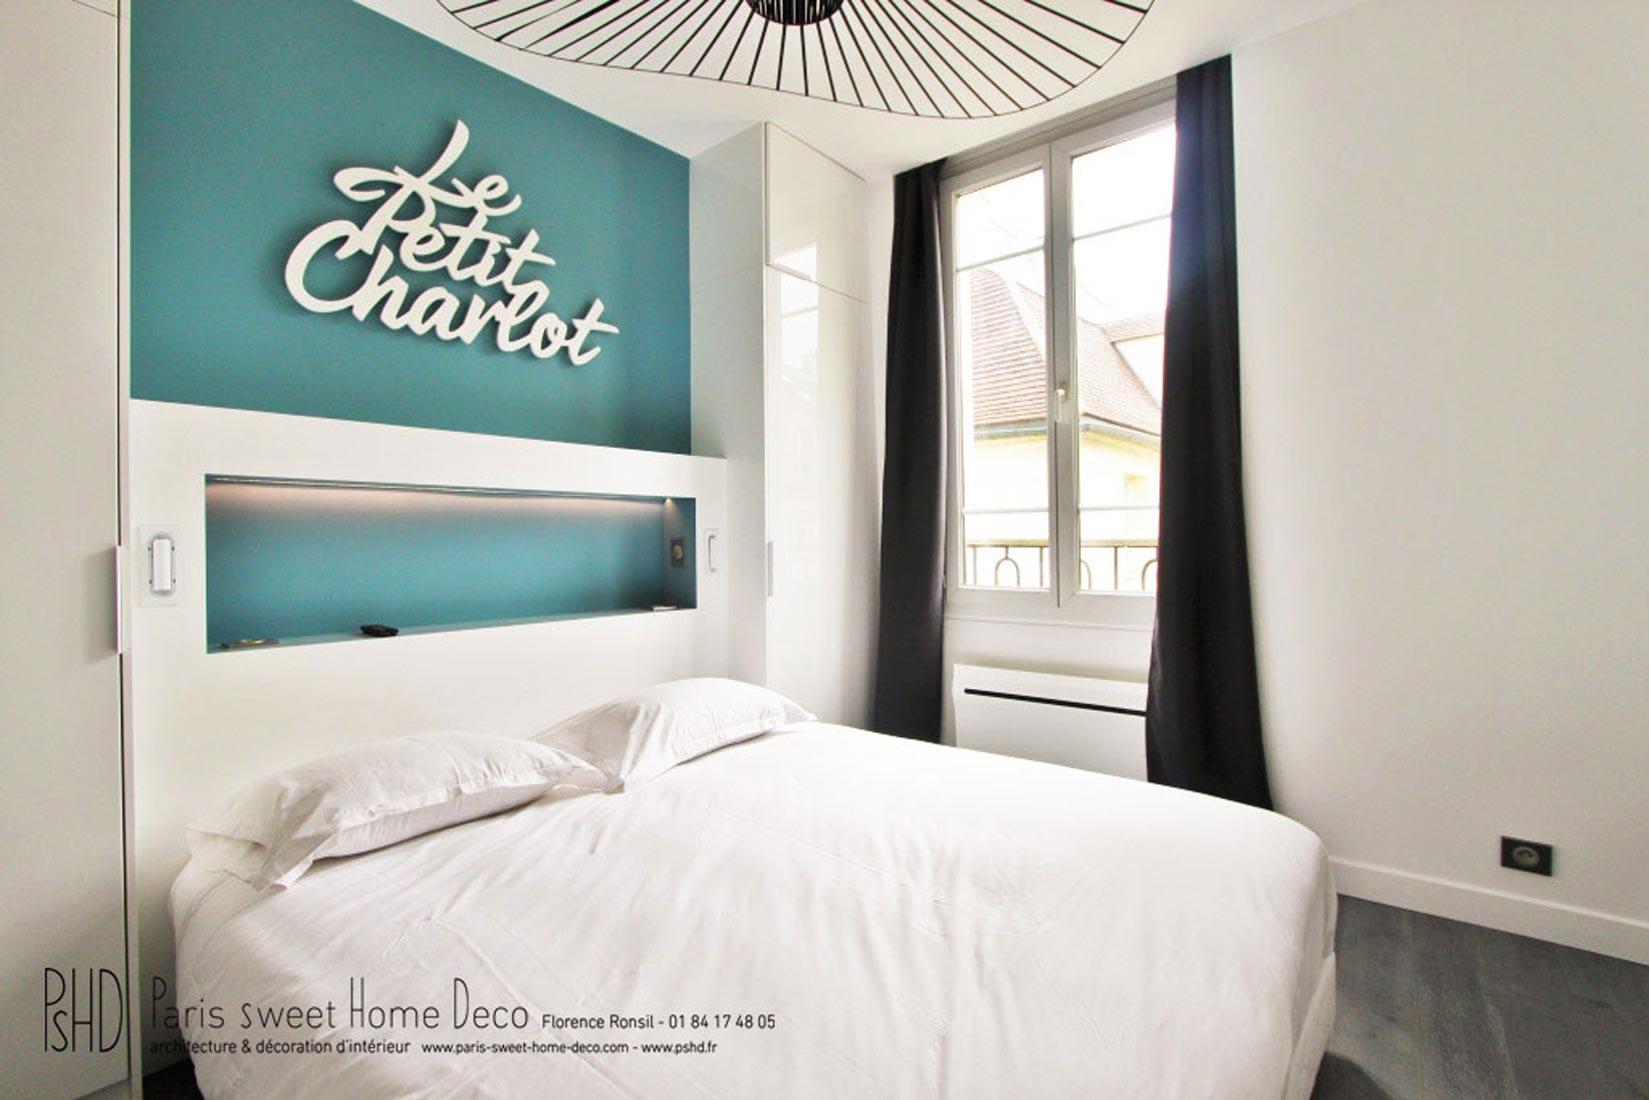 paris sweet home deco AirBnB rent your paris rénovation décoration